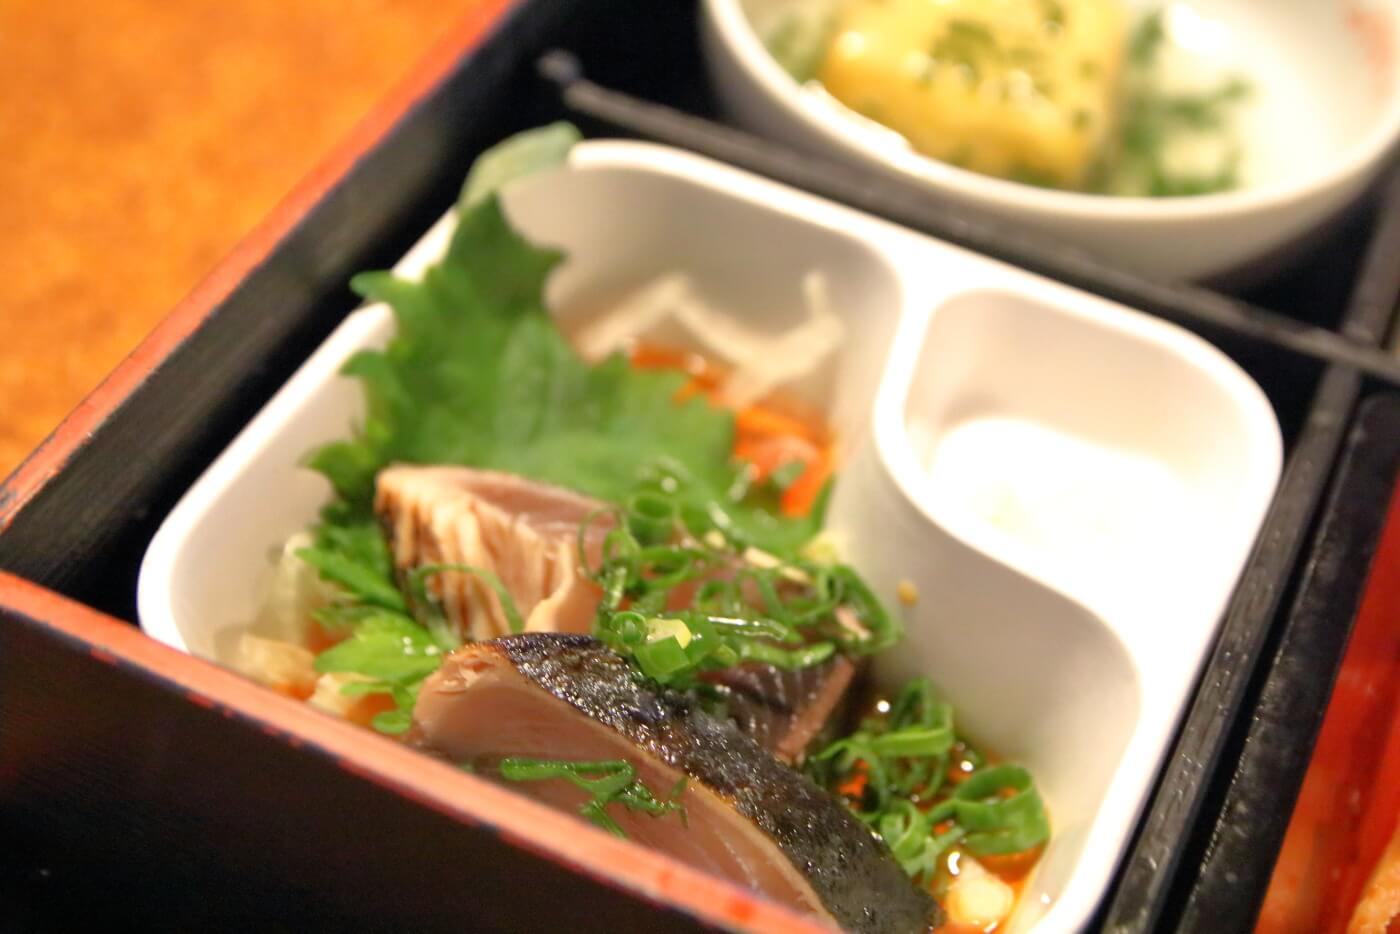 焼肉菜館 大五郎 ランチの松花堂弁当